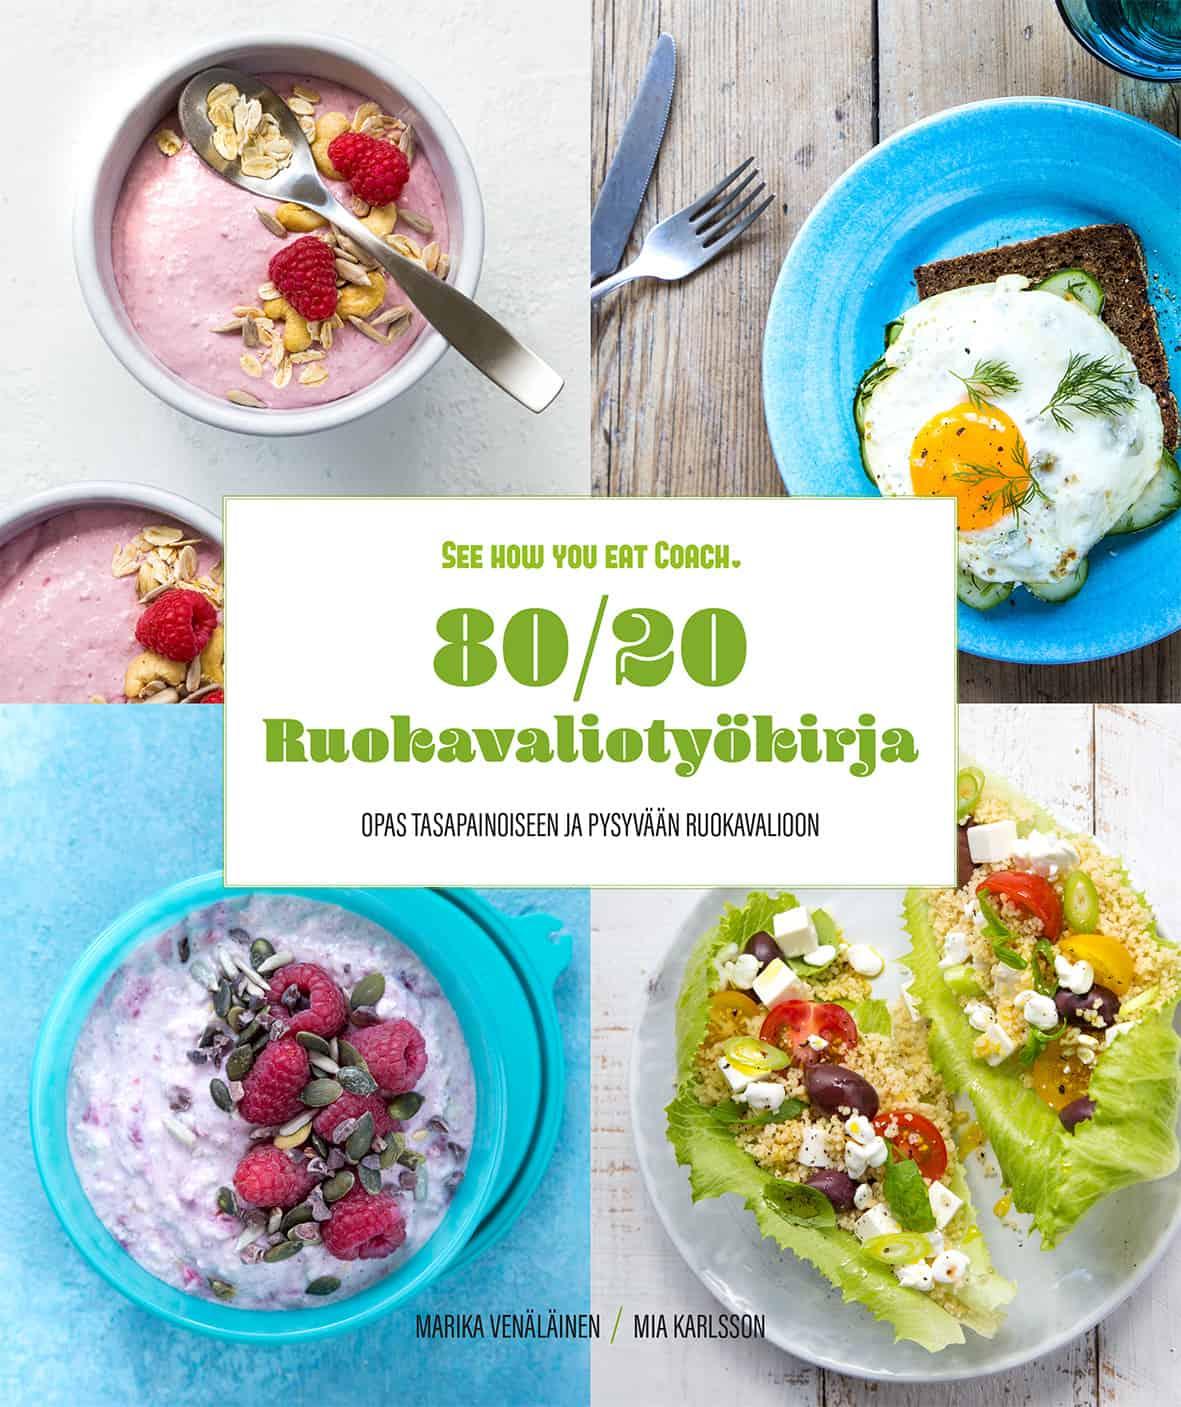 80/20 Ruokavaliotyökirja, see how you eat app, tasapainoinen ruokavalio